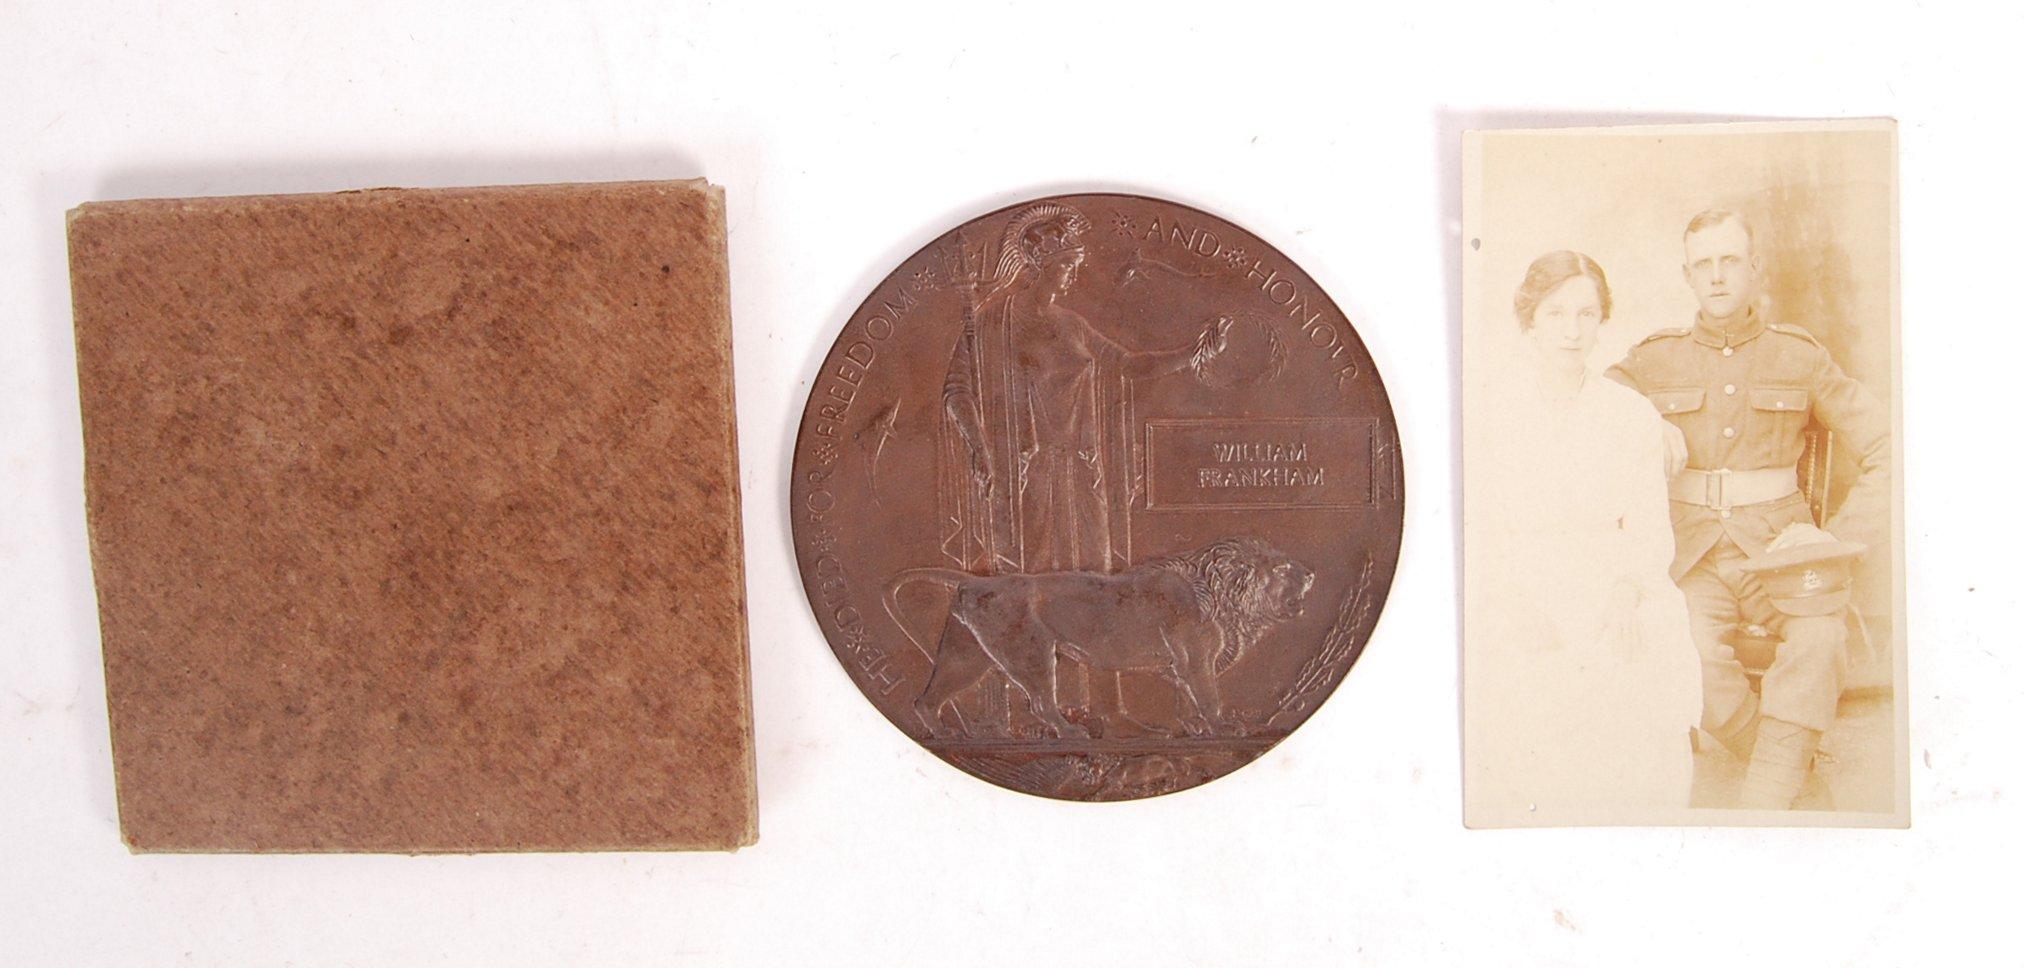 Lot 8 - WWI FIRST WORLD WAR DEATH / MEMORIAL PLAQUE / PENN